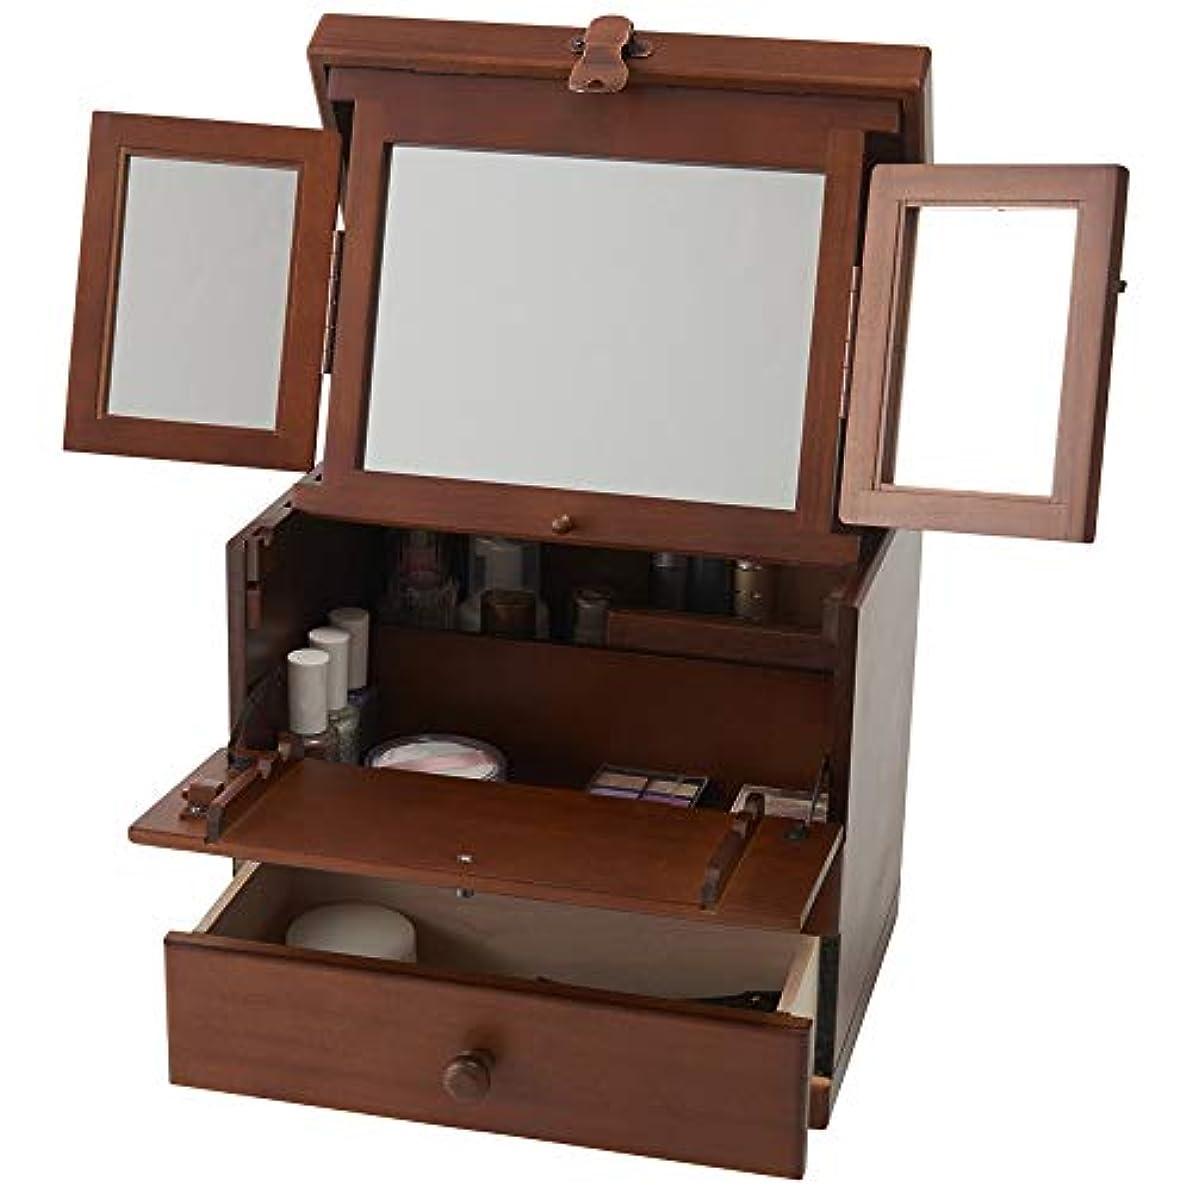 コンベンションサッカーパーティション木製コスメボックス 三面鏡 持ち運び 鏡付き 化粧ボックス メイクボックス 日本製